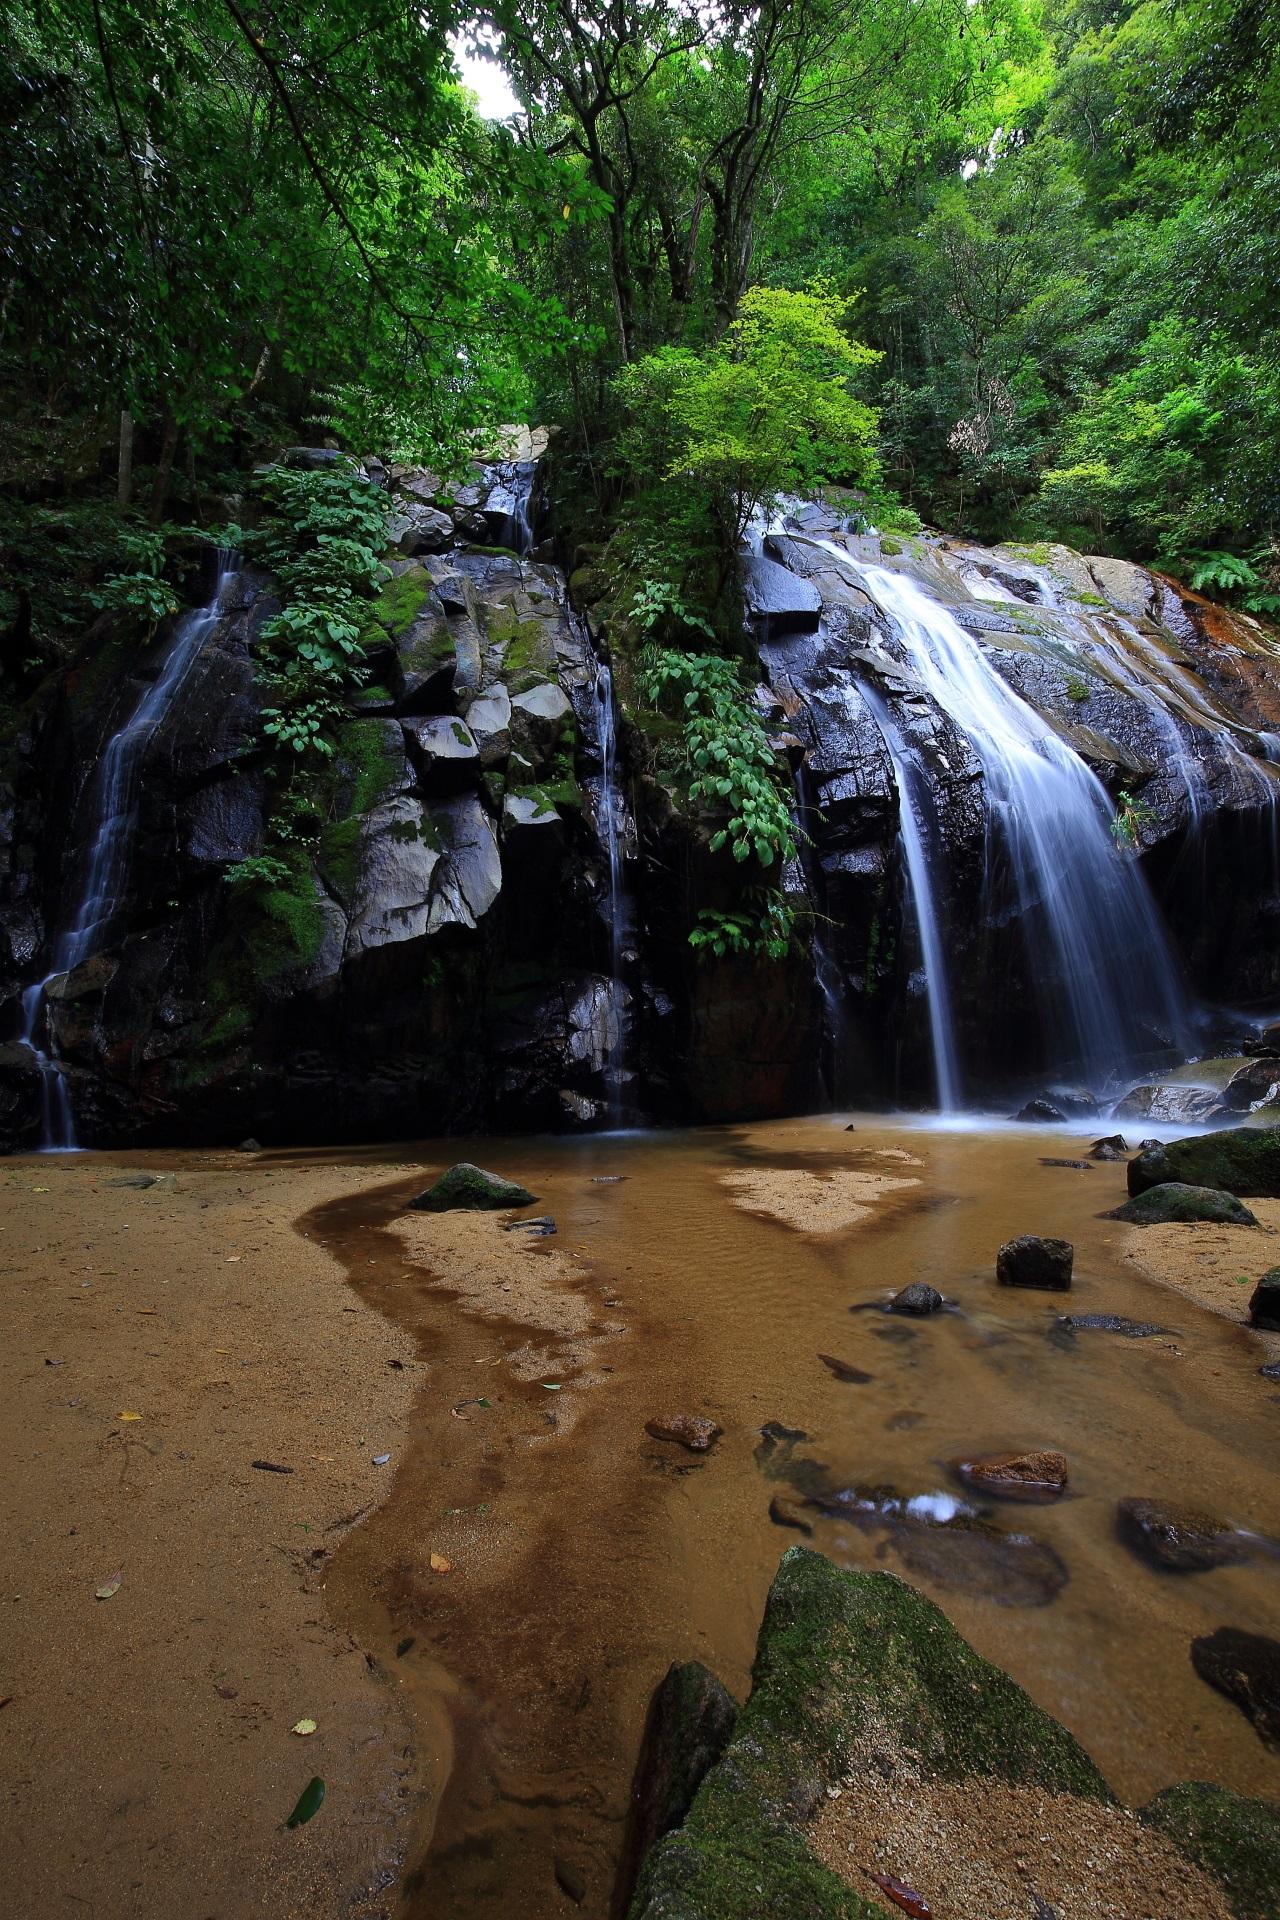 日本の滝百選に選ばれている金引の滝